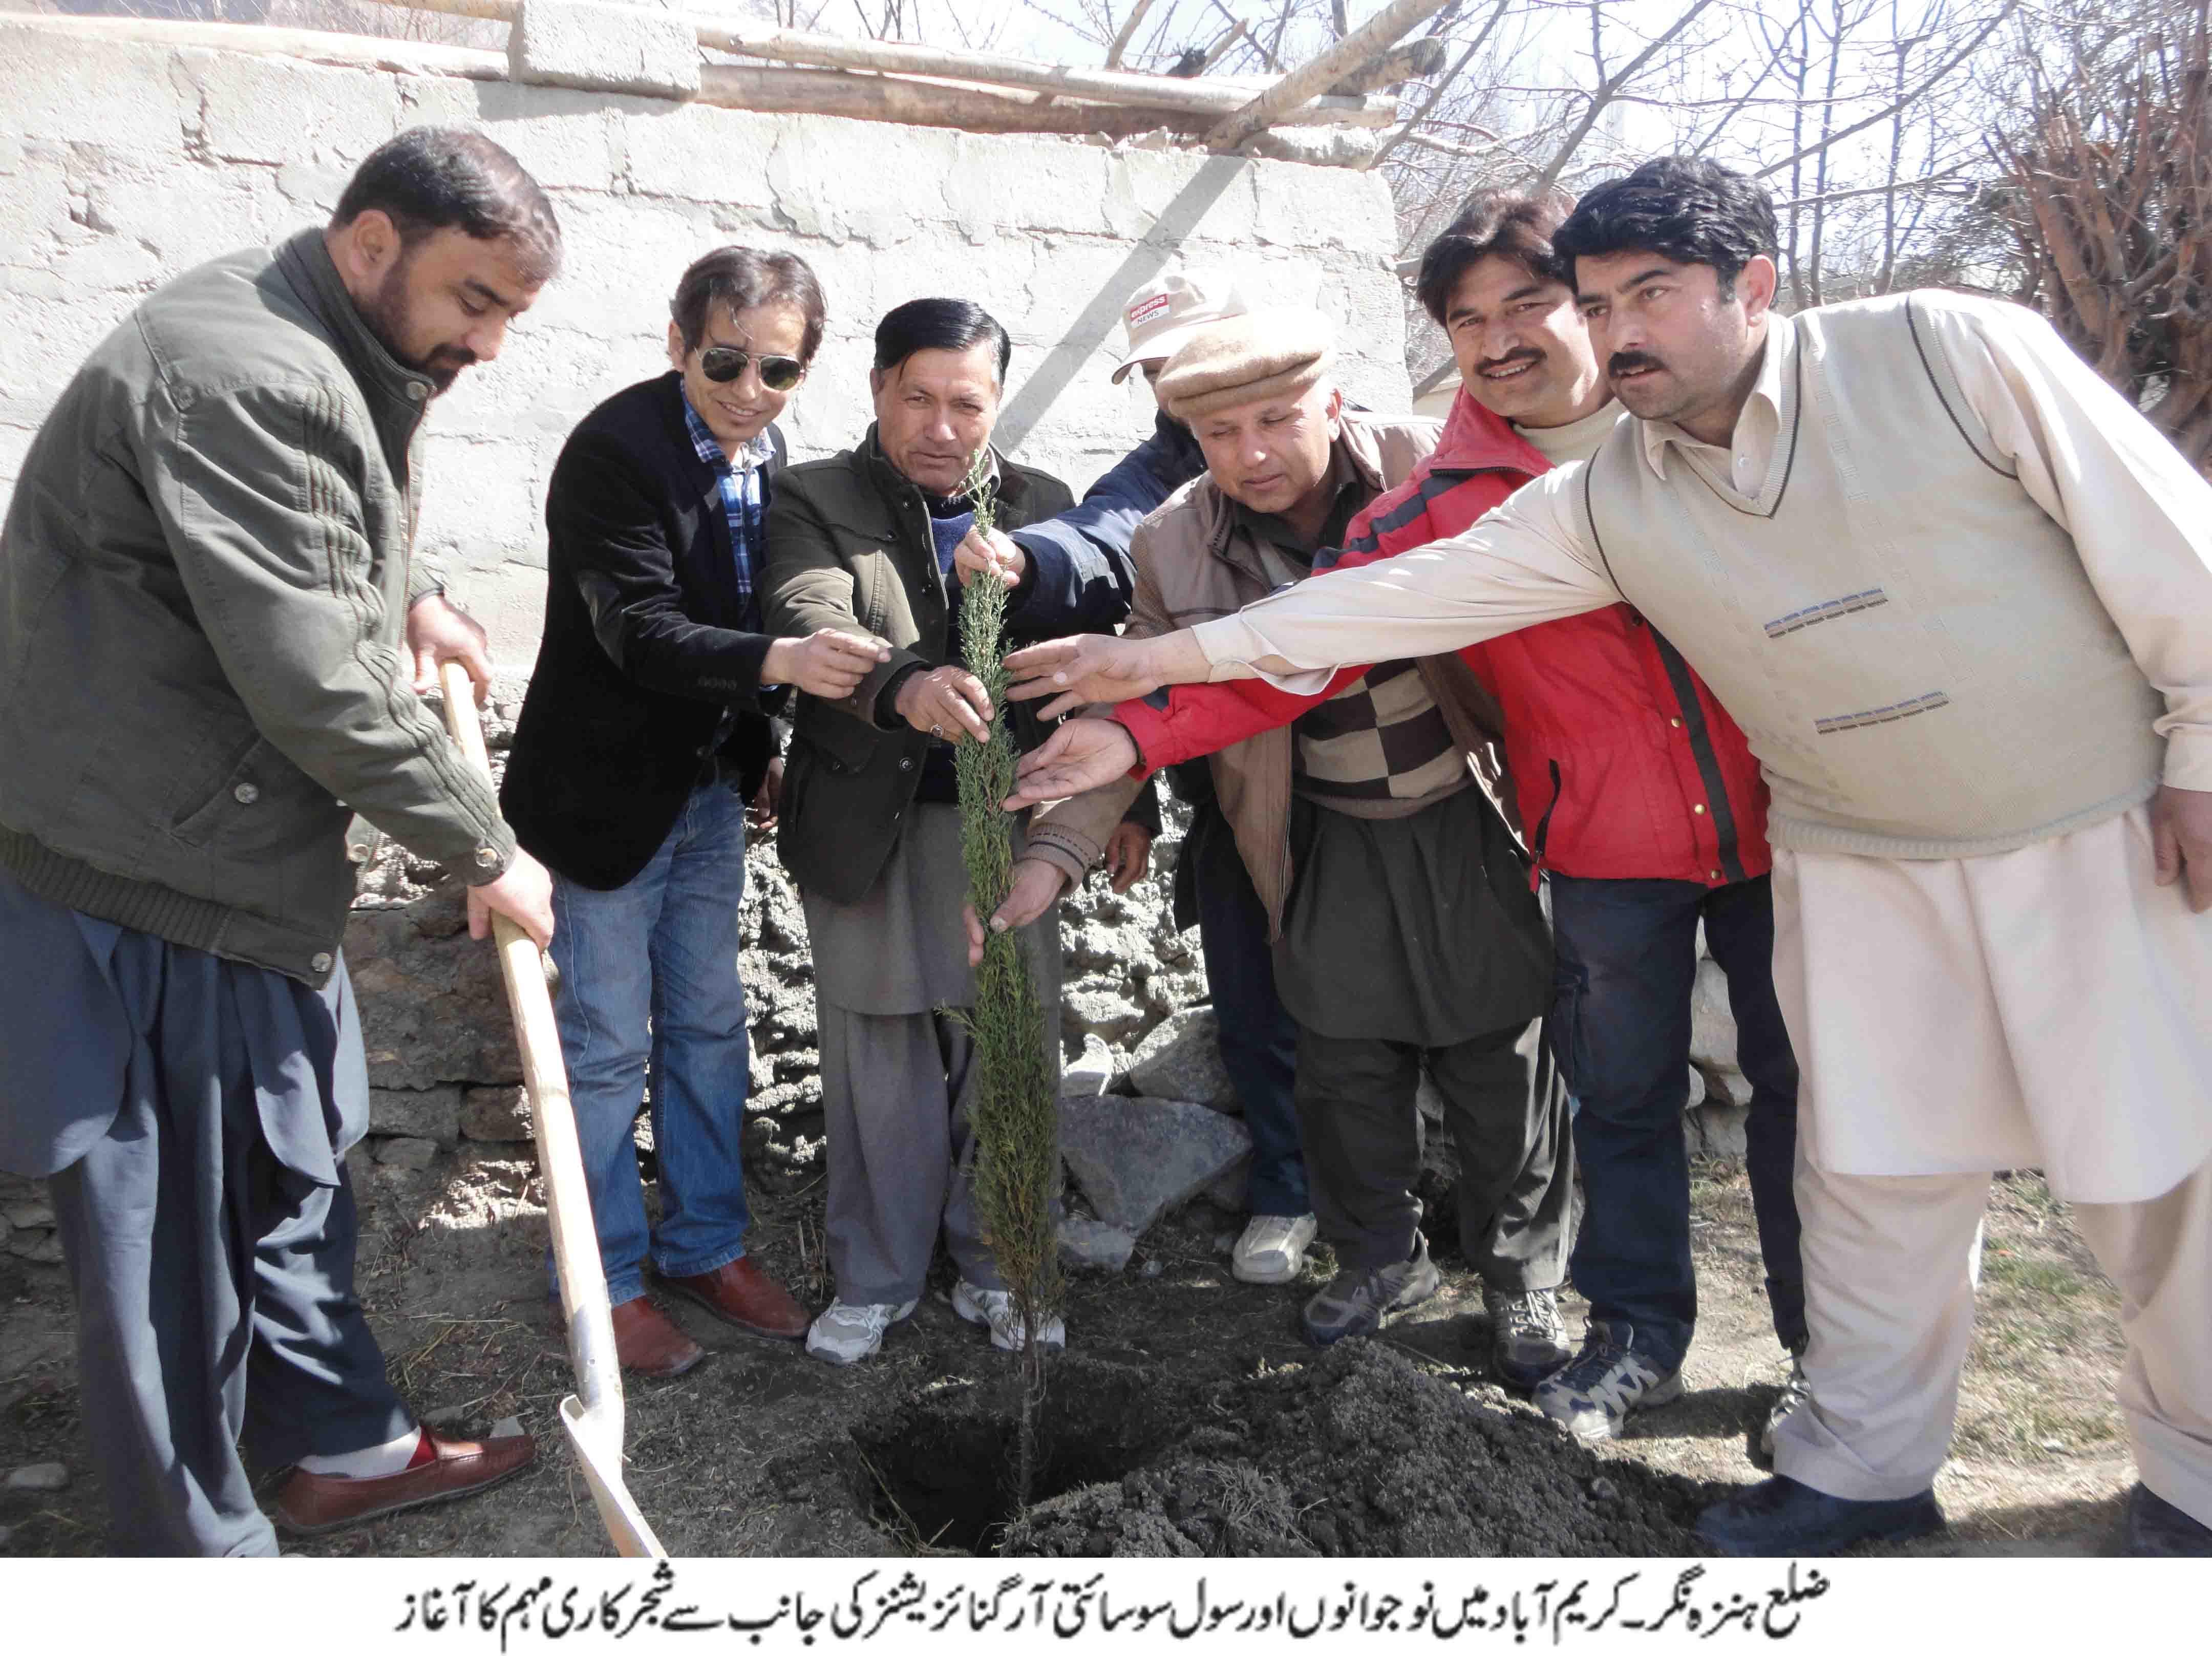 کریم آباد ہنزہ میں نوجوانوں نے شجر کاری مہم کا آغاز کیا